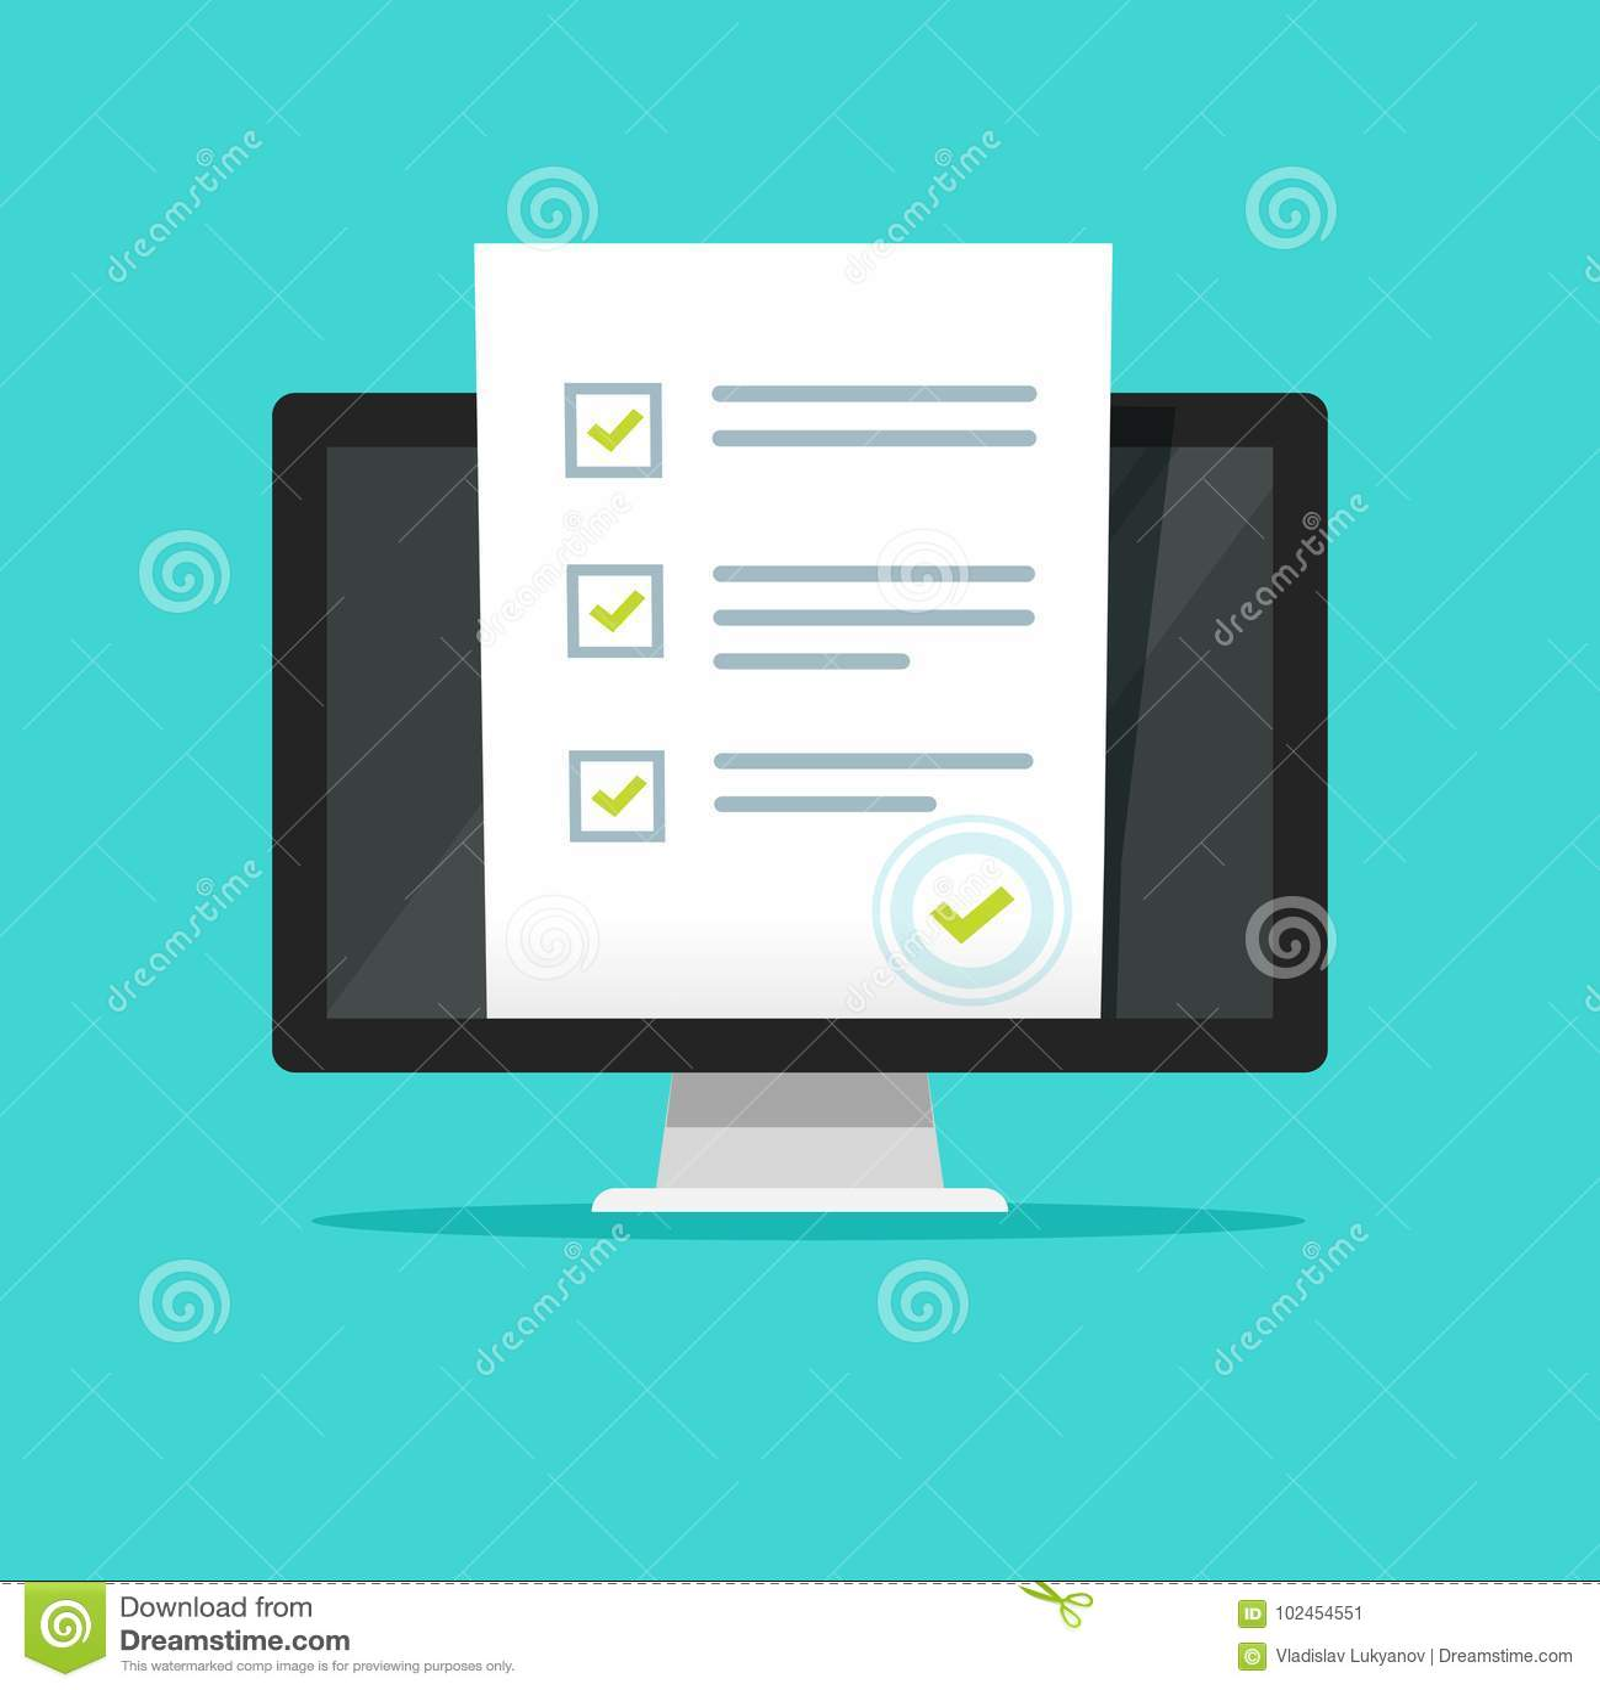 Онлайн обзор формы на иллюстрации вектора компьютера ПК, плоском дисплее монитора дизайна шаржа показывая лист бумаги экзамена ви